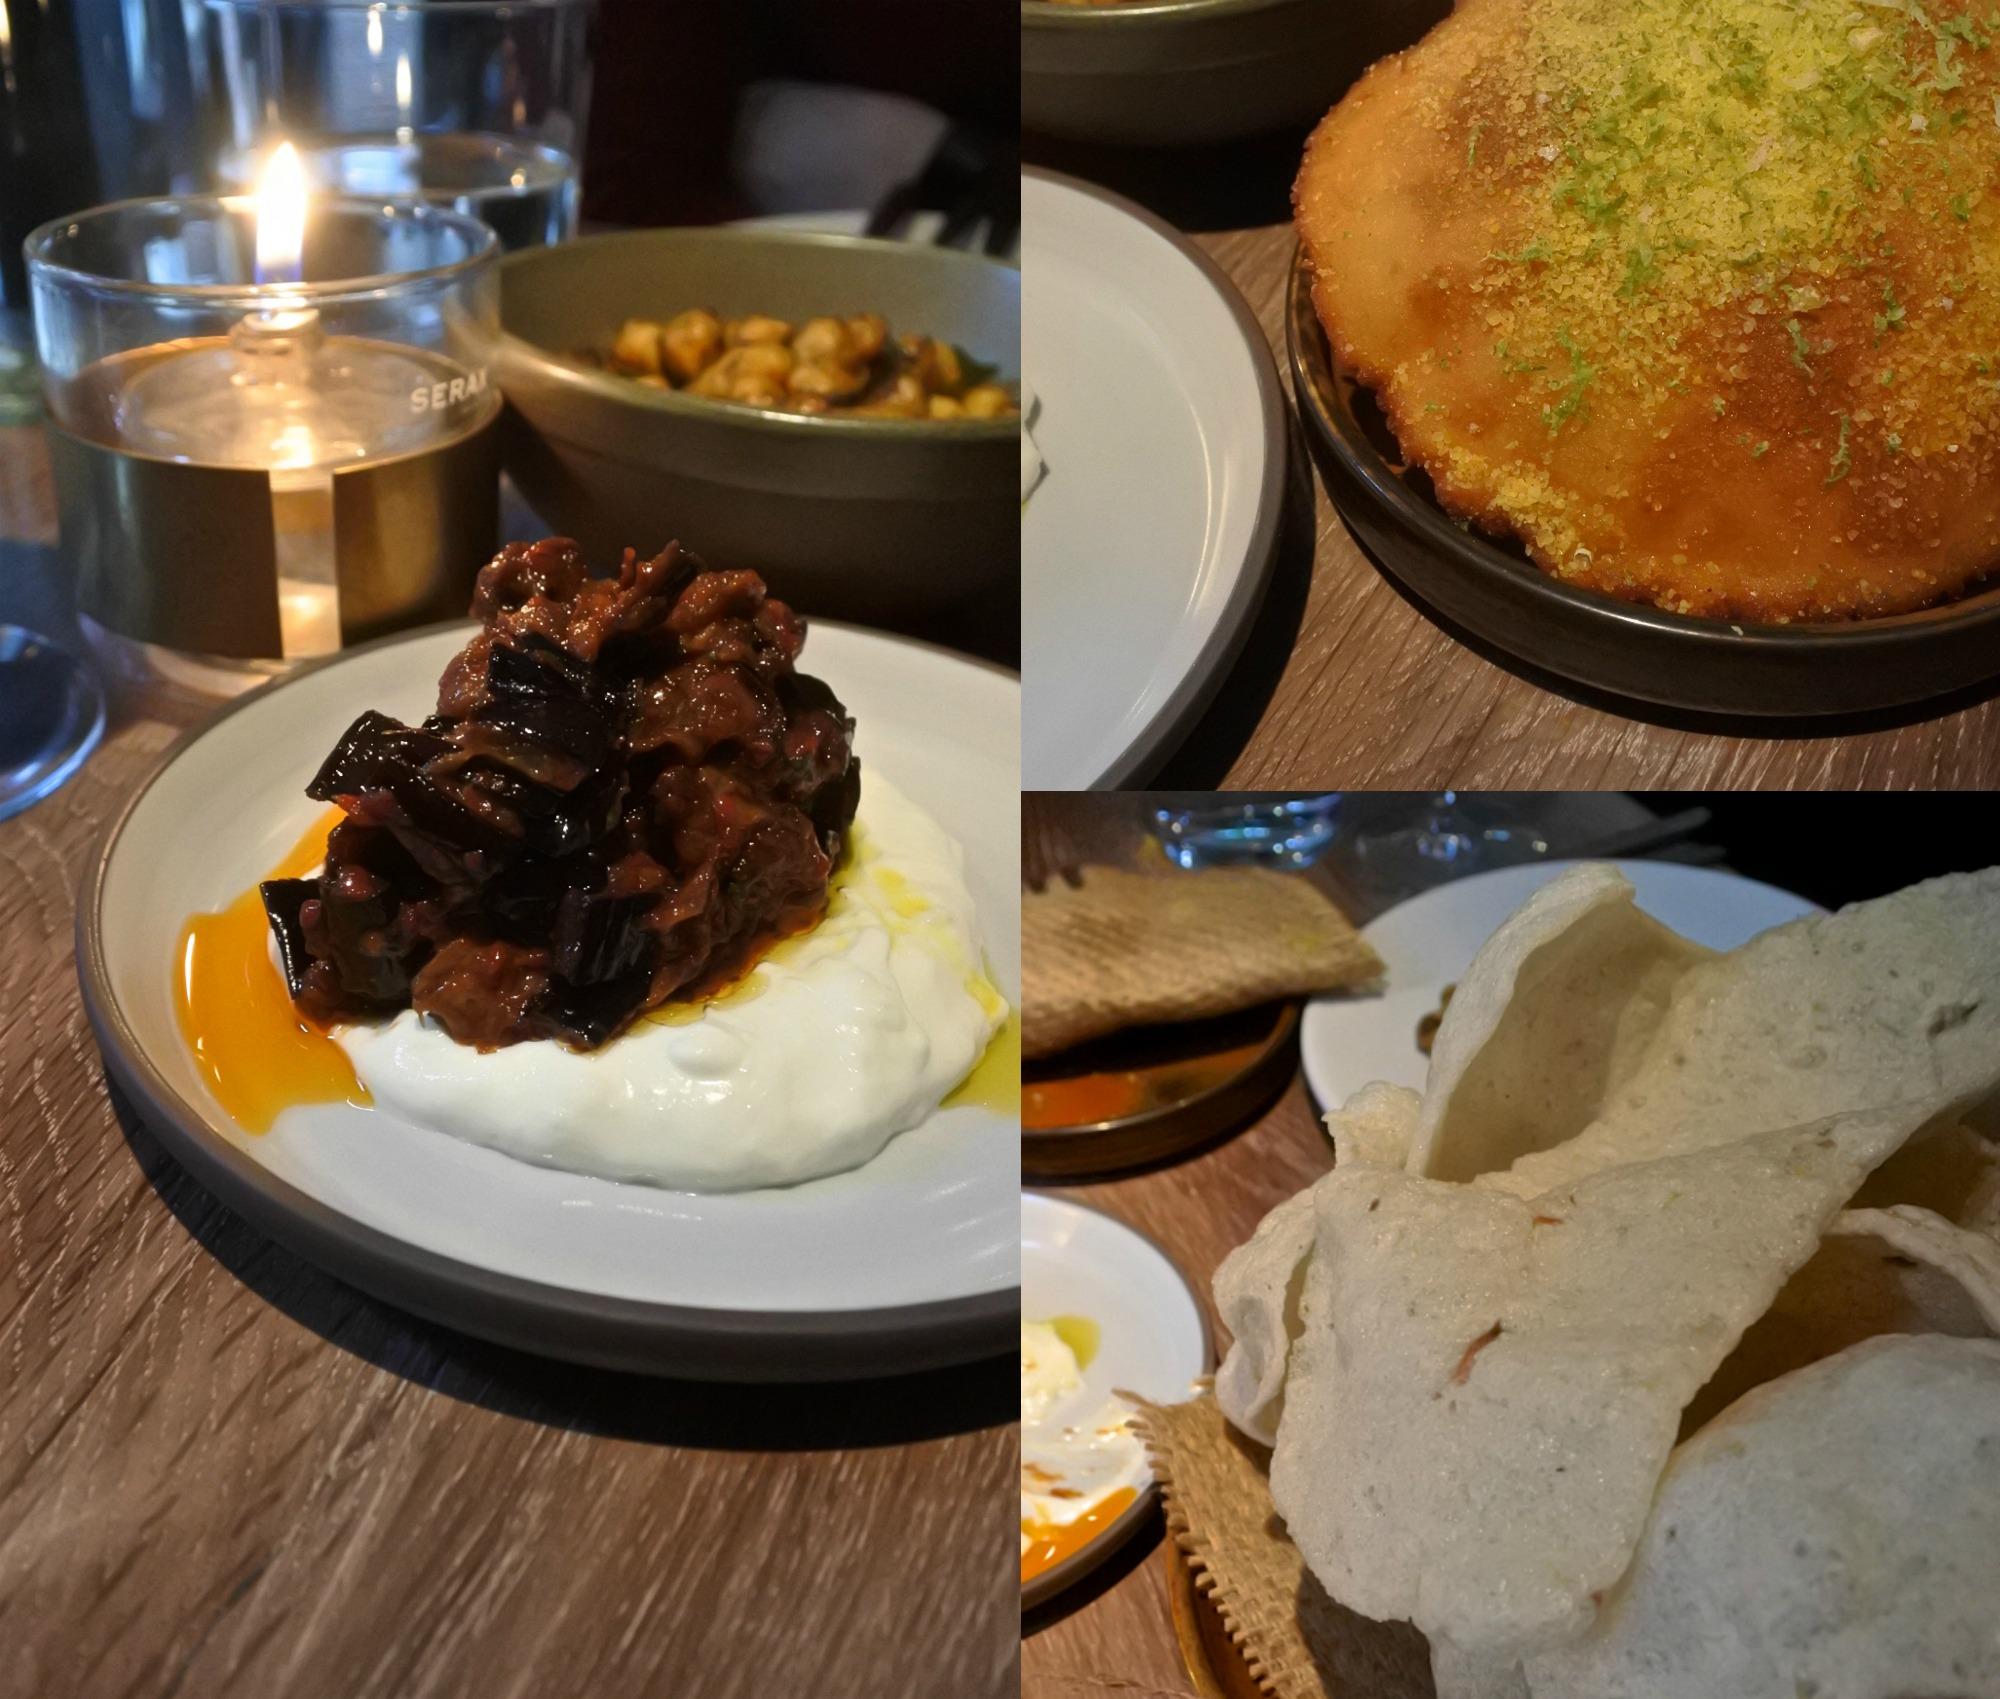 左がピリ辛サンバル風味のナス。インドネシア料理の影響が感じられます。右下が牛アキレス腱のパフ。とろけるような食感を楽しみます☆